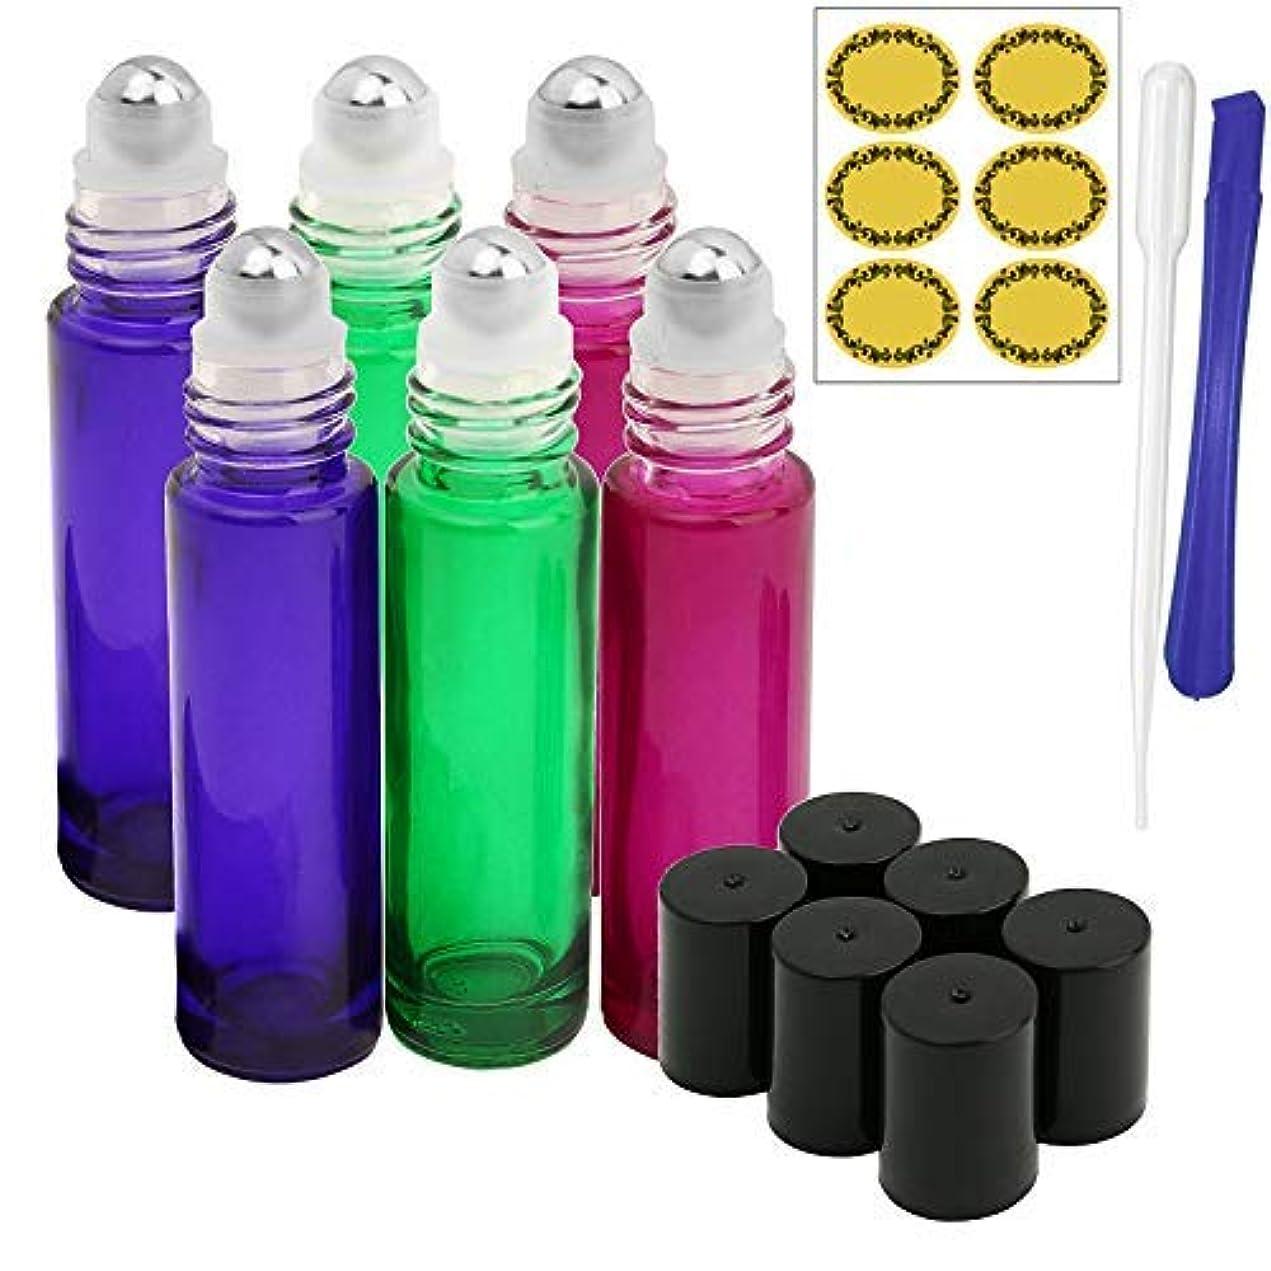 消去旅行ゴミ箱6, 10ml Roller Bottles for Essential Oils - Gradient Color Glass Refillable Roller on Bottles with 1 Opener, 1 Dropper & 12 Pcs Label, Suitable for Aromatherapy, Essential Oils by JamHooDirect [並行輸入品]